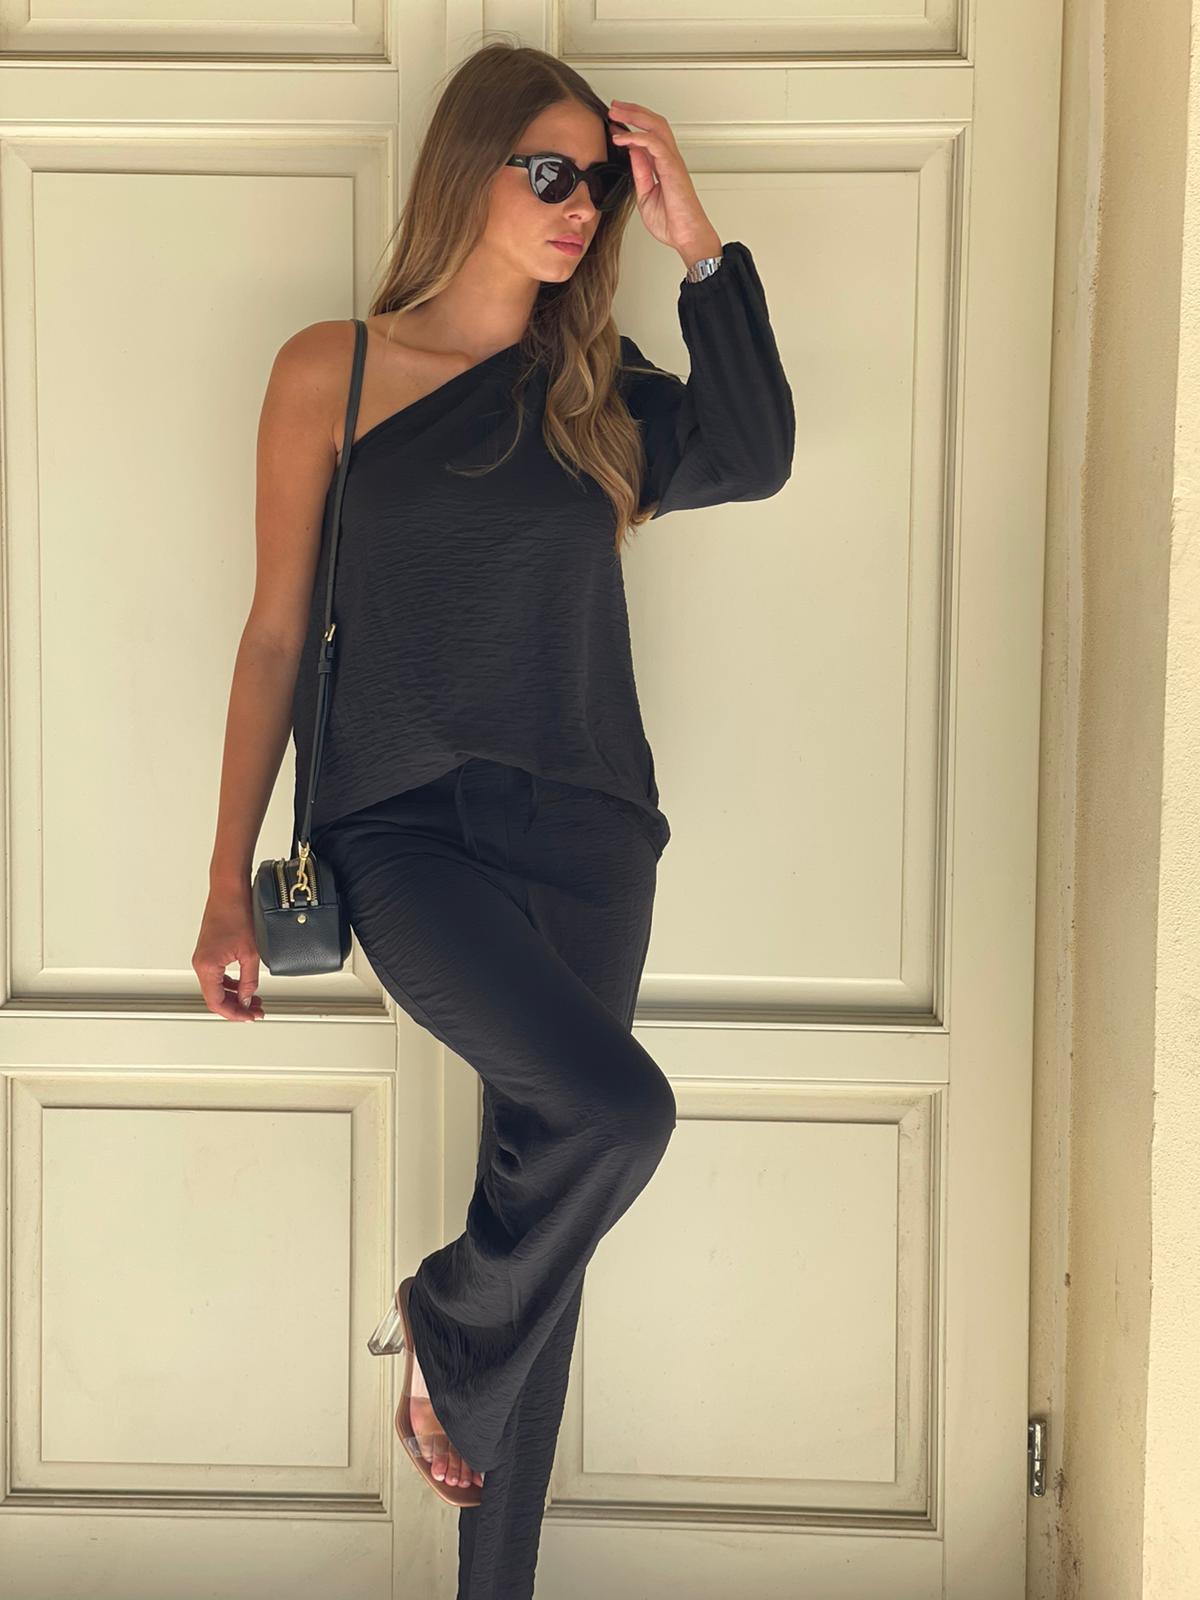 חליפת מכנס חולצה כתף שחור